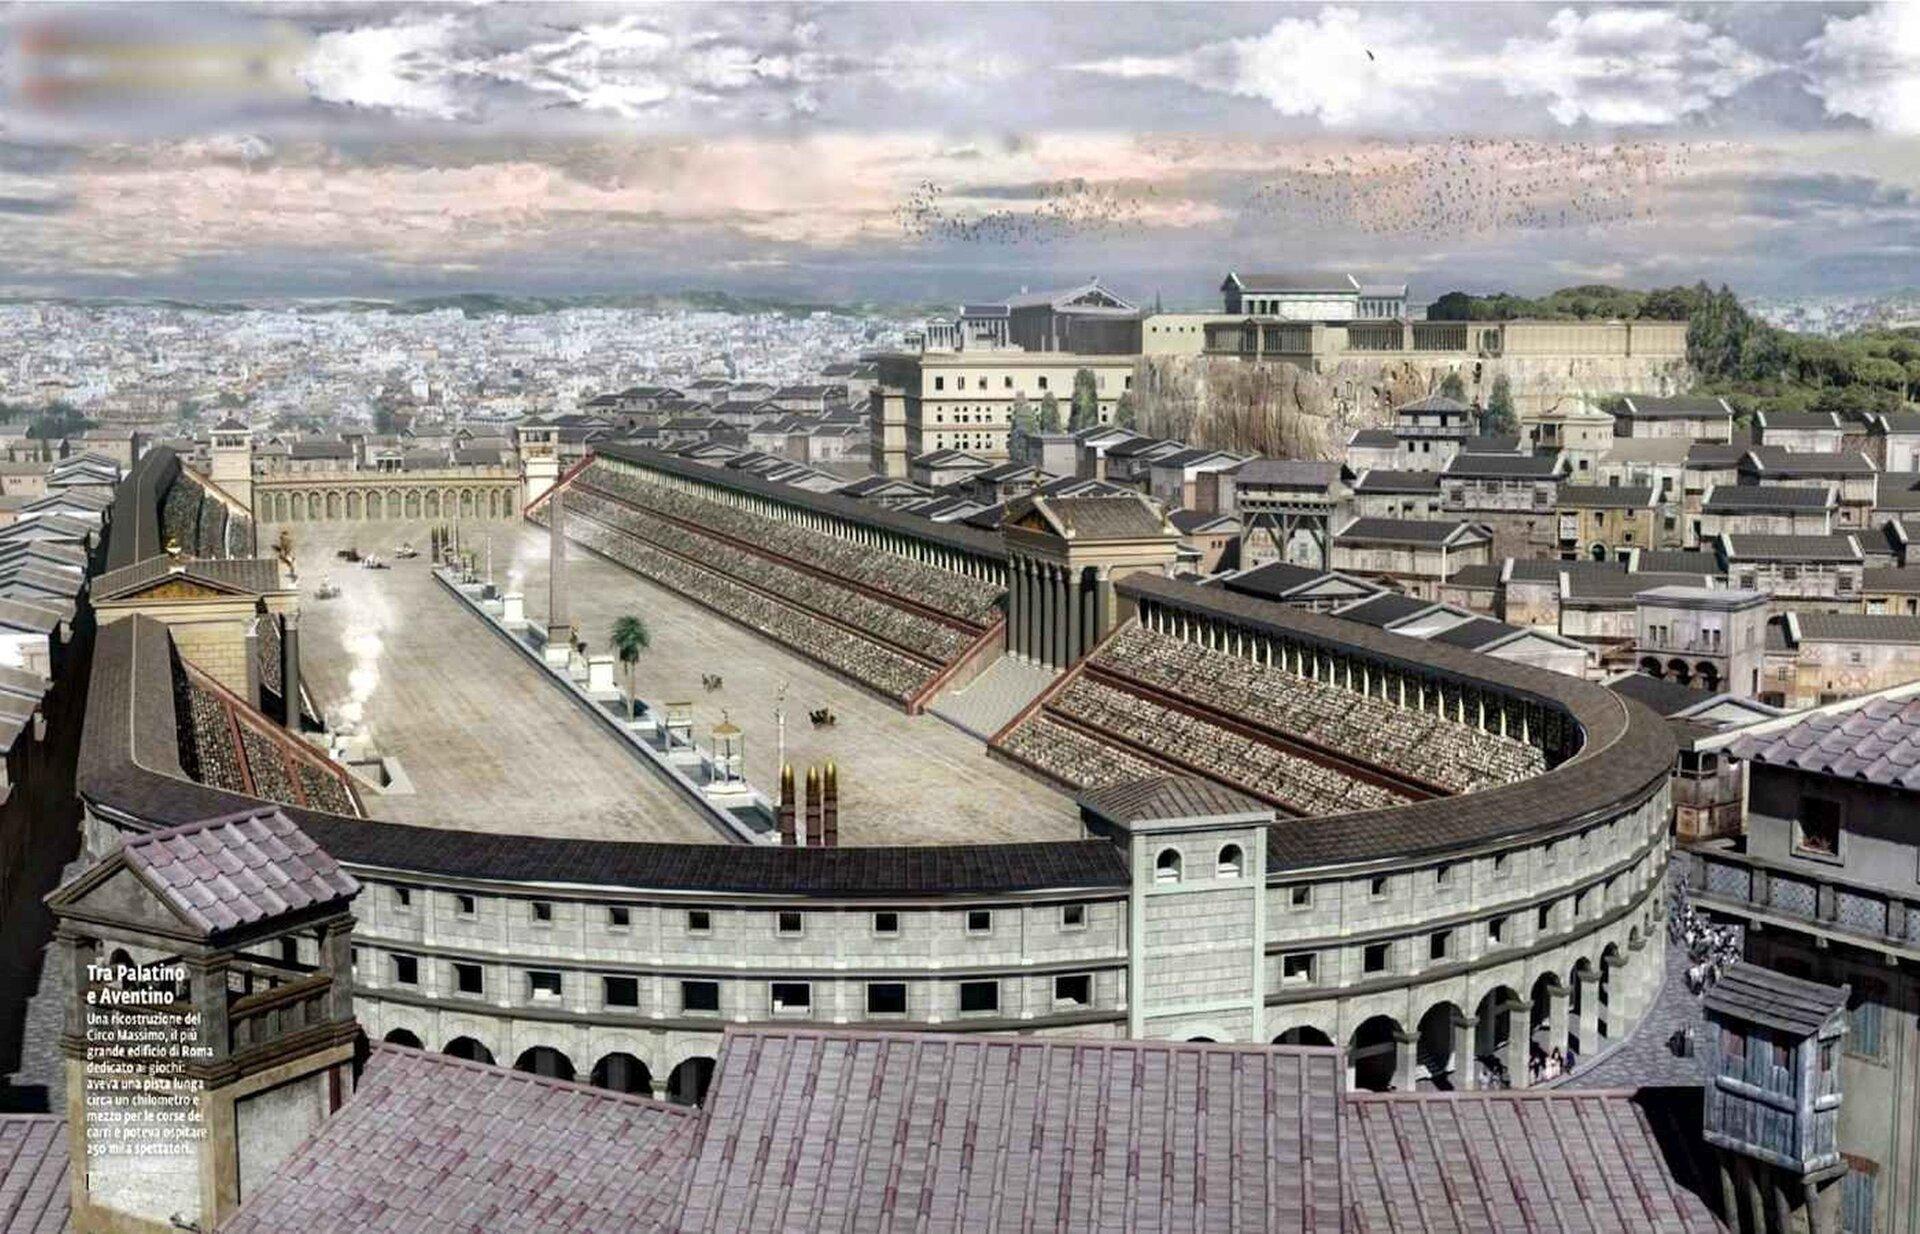 Ilustracja przedstawia rekonstrukcję cyrku rzymskiego. Cyrk ma owalny kształt. Po środku areny znajduje się tzw. spina. Jest to długi iniski mur rozdzielający tory. Na jego podmurowaniu znajdują się ołtarze bóstw, posągi, małe budowle kultowe oraz obelisk. Po obu stronach cyrku widoczne są kamienne trybuny. Budowla przyozdobiona jest portykami izłotymi kolumnami. Wtle znajduje się widok na miasto.